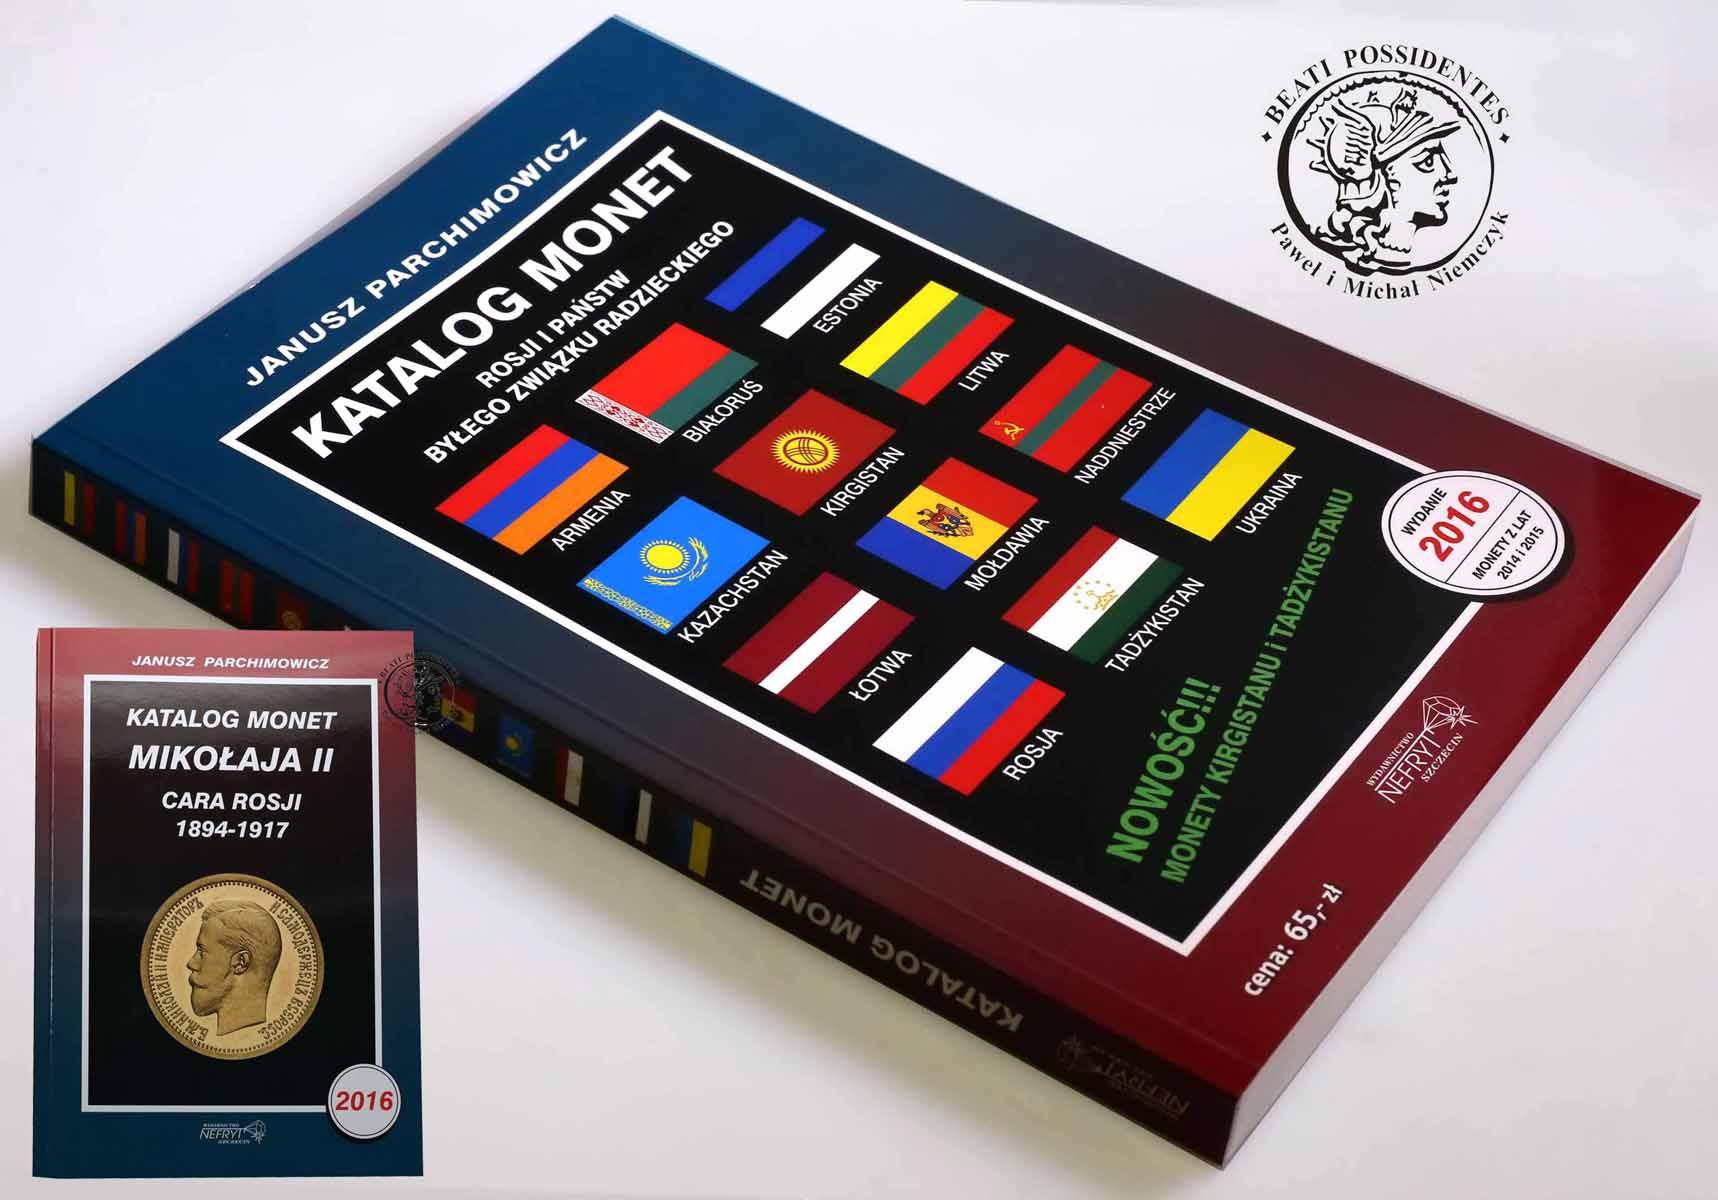 Katalog Monet Rosji i byłego ZSRR - 2016 NOWOŚĆ Janusz Parchimowicz